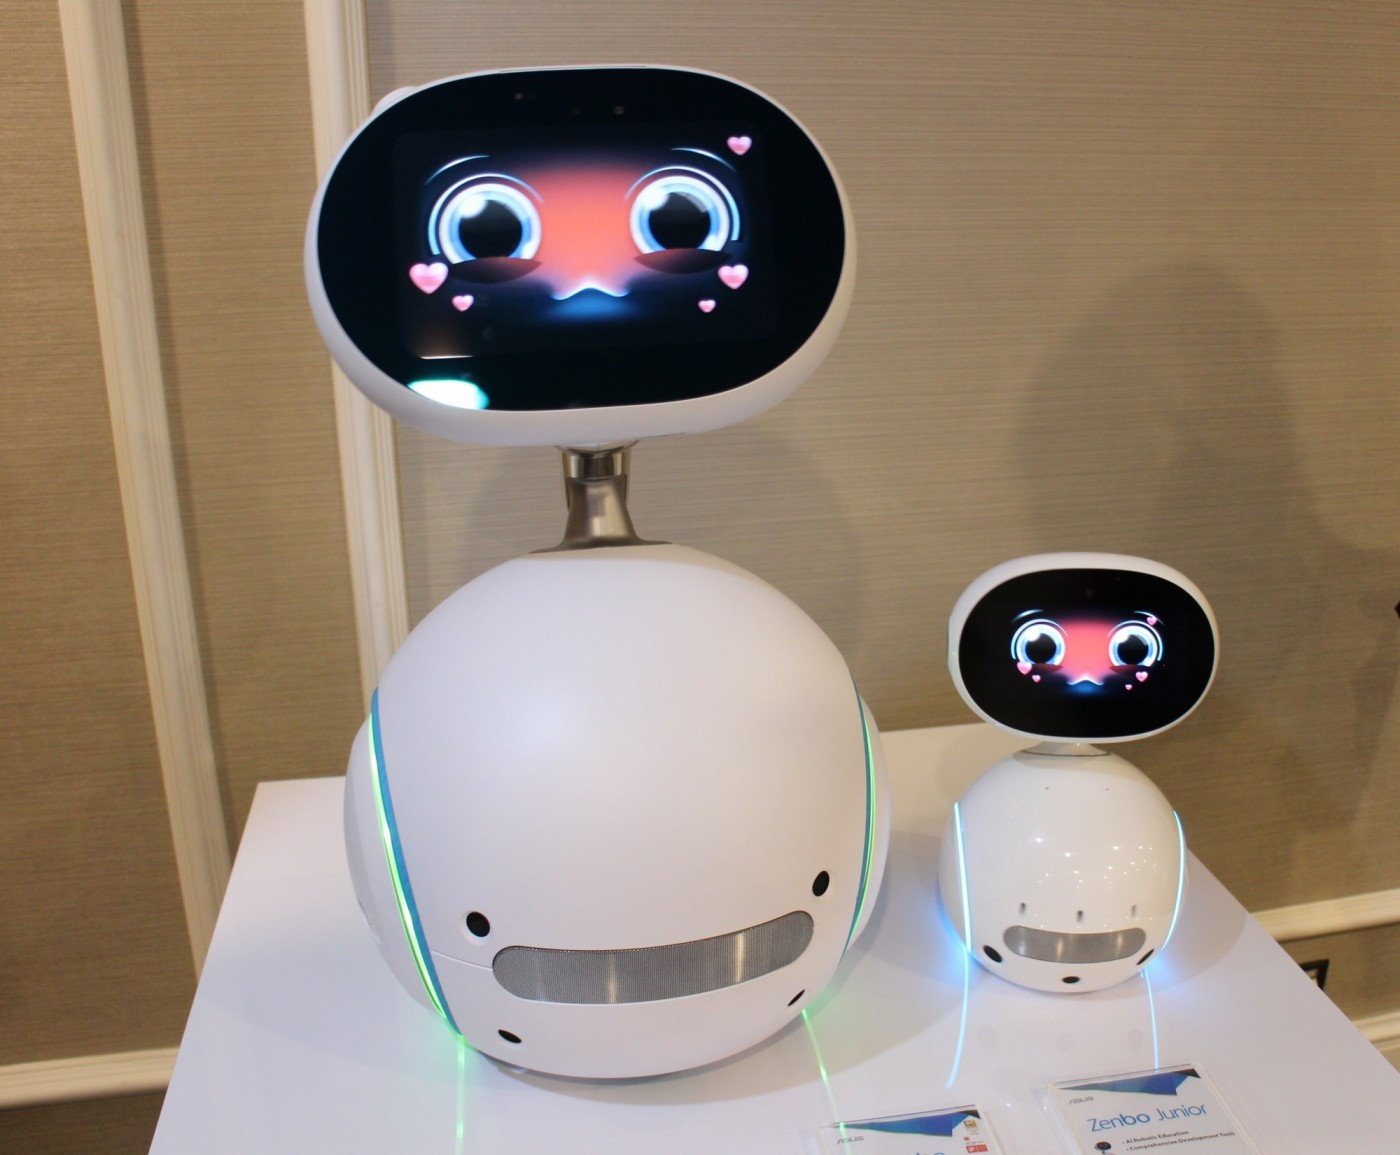 身高僅31.5公分,華碩發表迷你機器人Zenbo Junior要吃最大商務市場